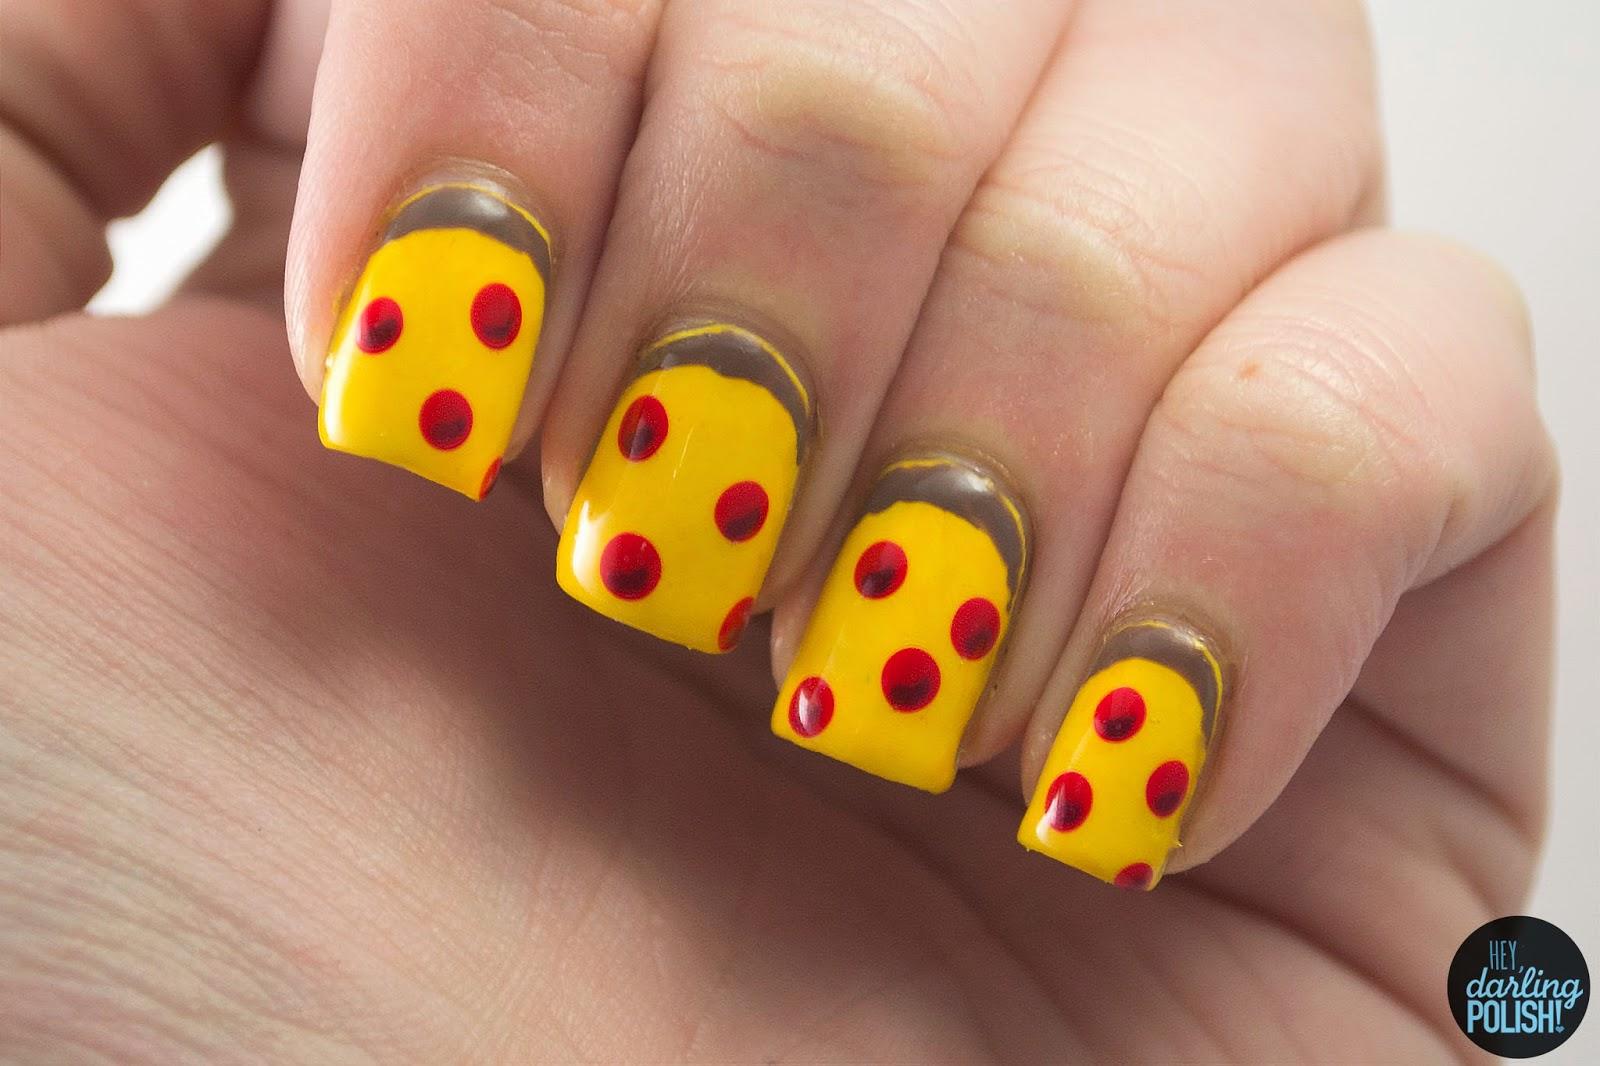 nails, nail art, nail polish, polish, pizza, pepperoni, hey darling polish, theme buffet